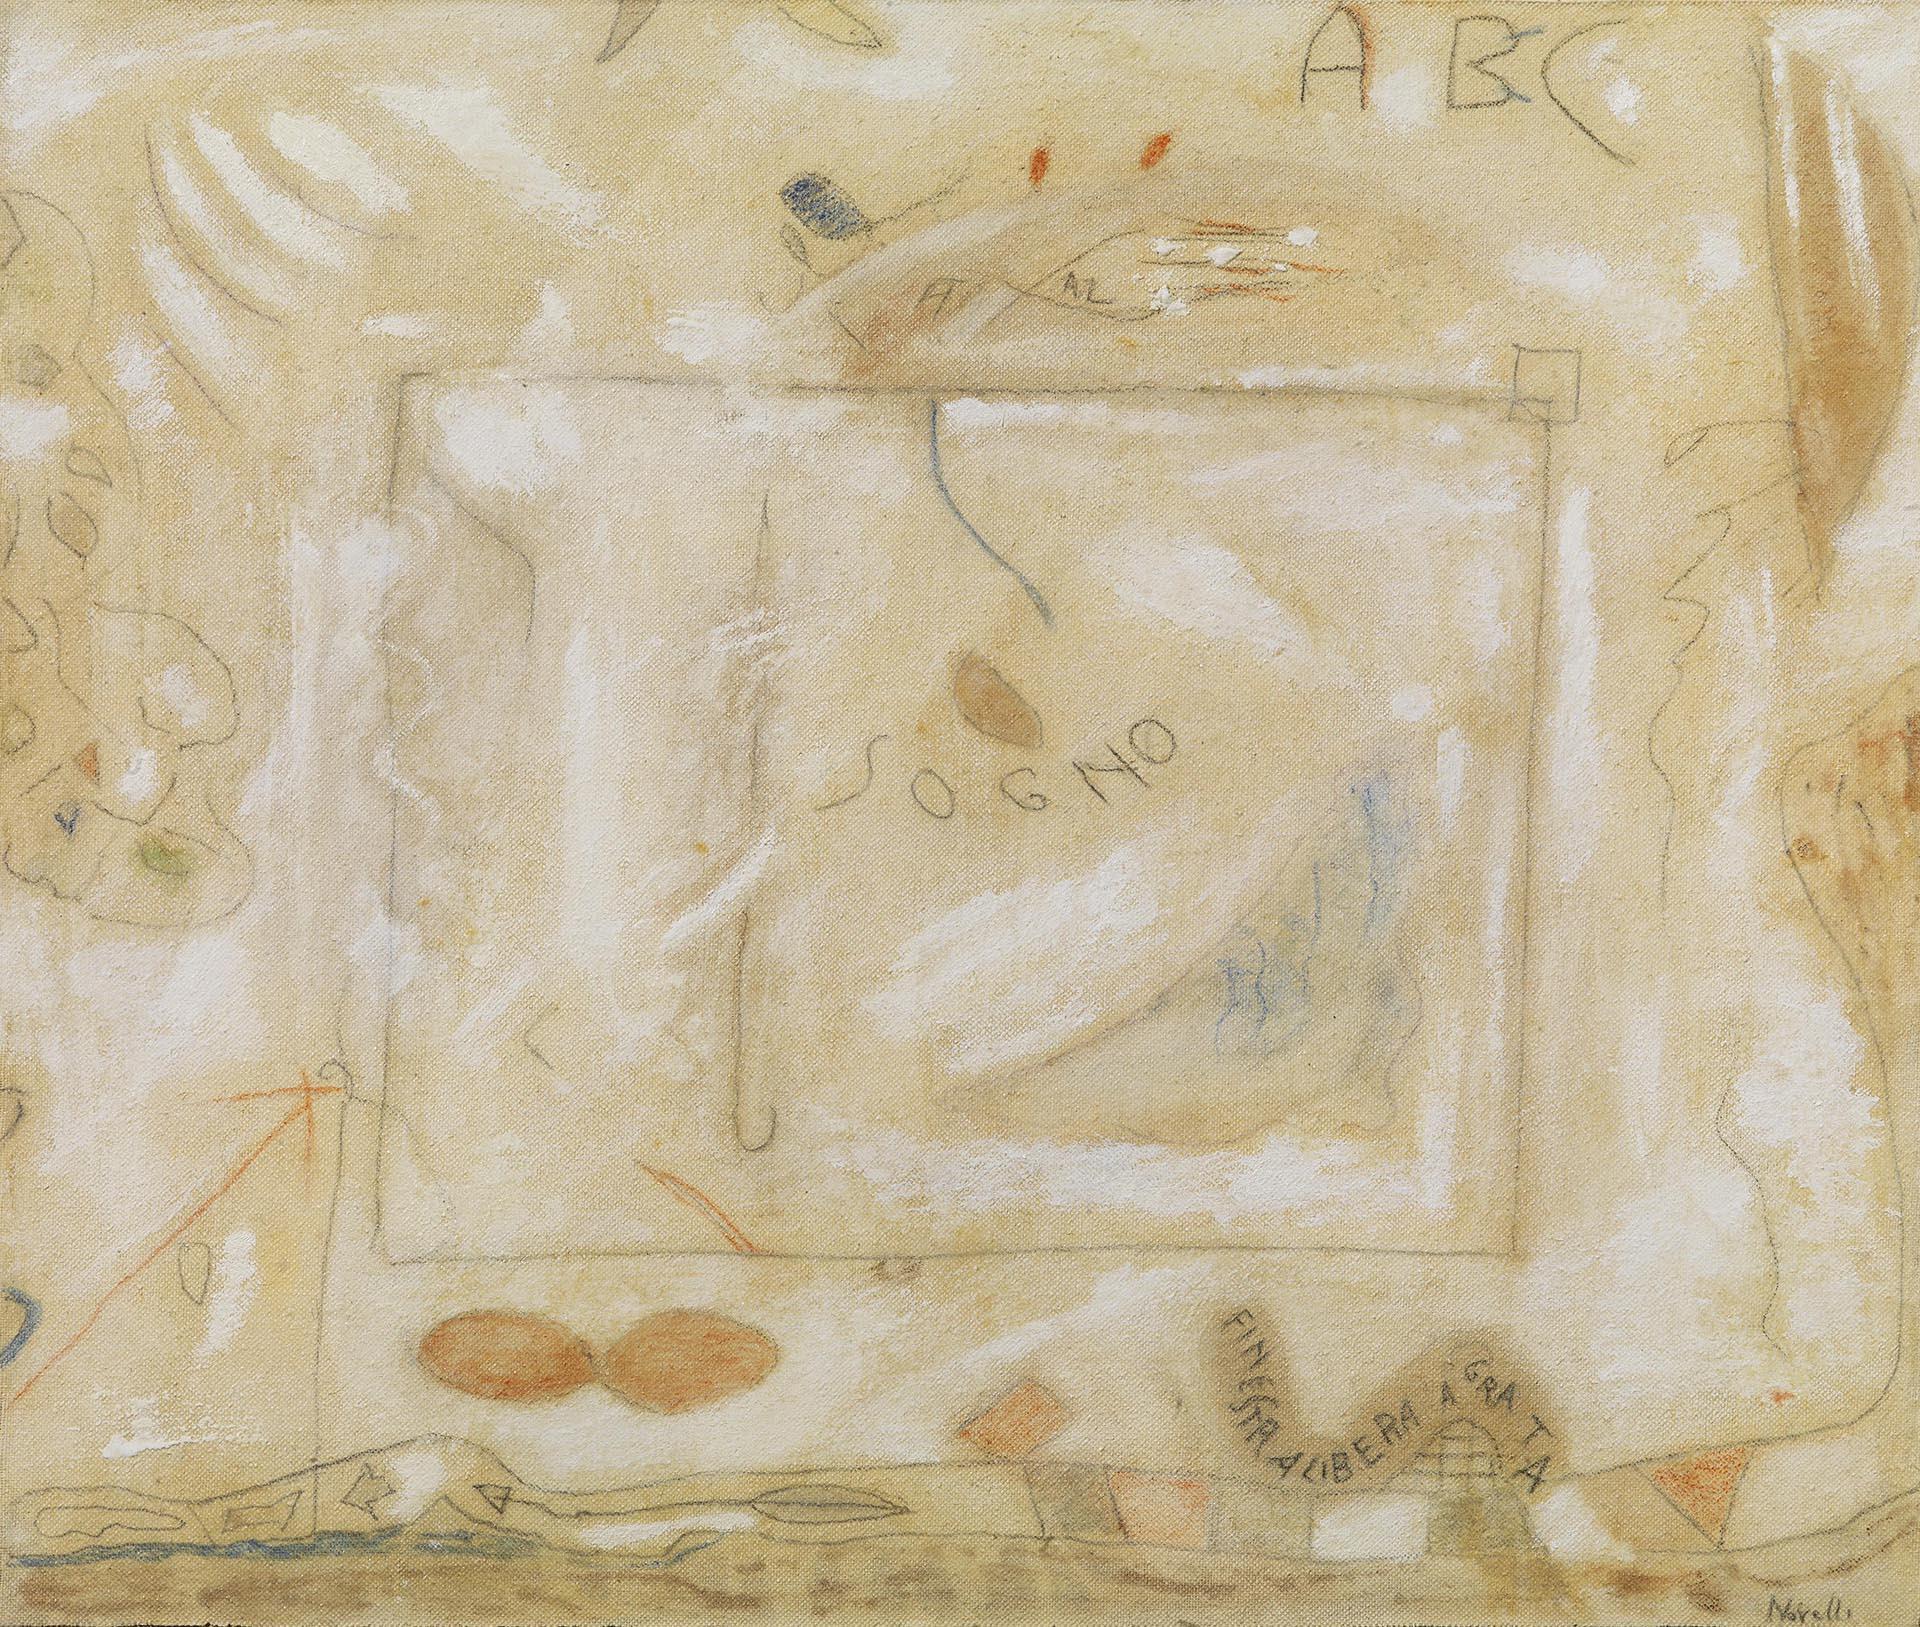 Novelli, Sogno, 1963, 43x51.5 cm